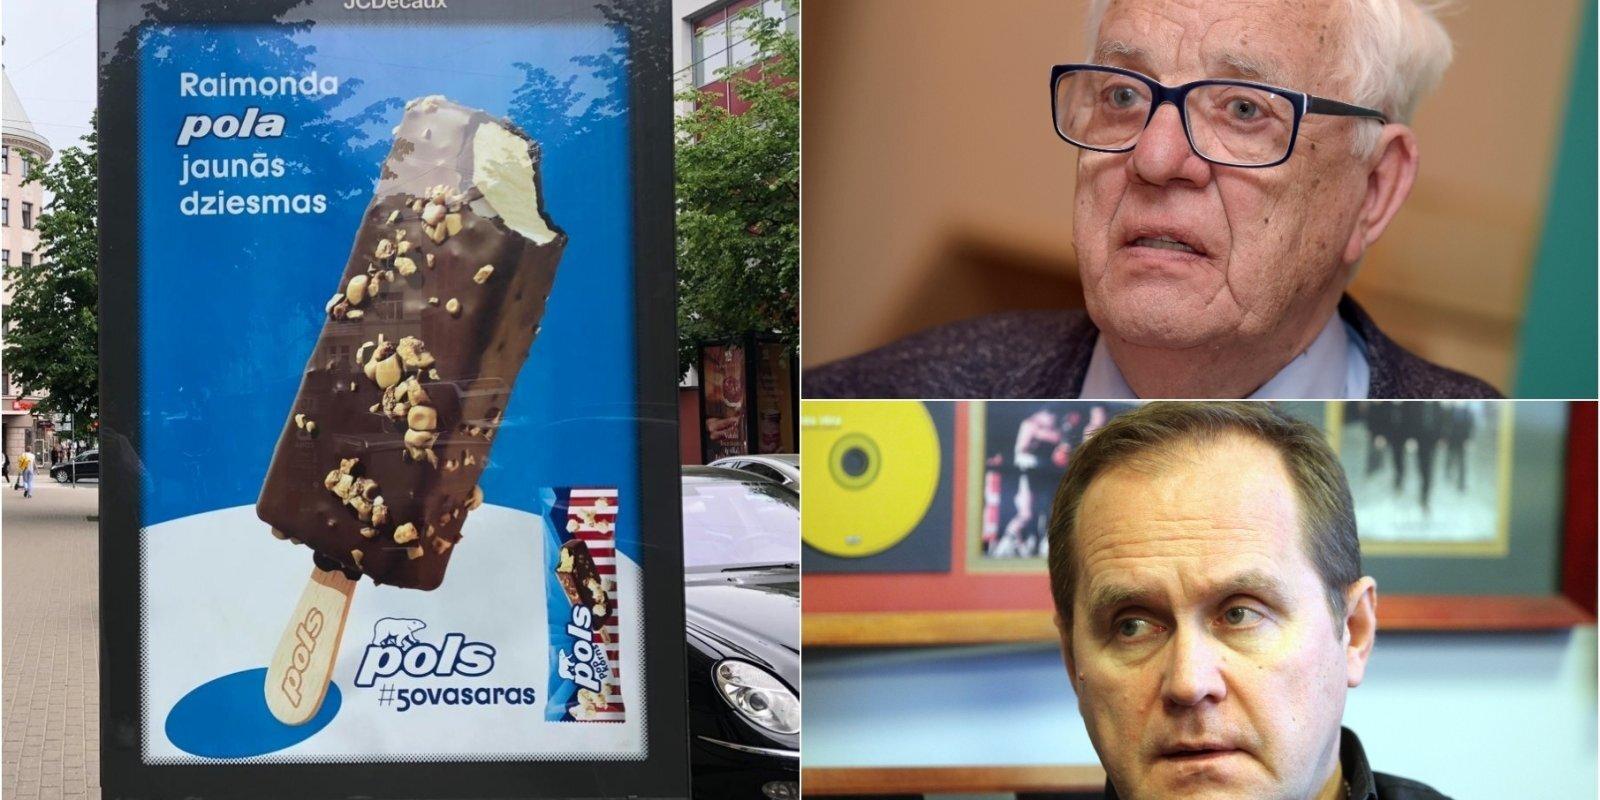 'Raimonds Pols': reklāmistu provokācija vai pārkāpums